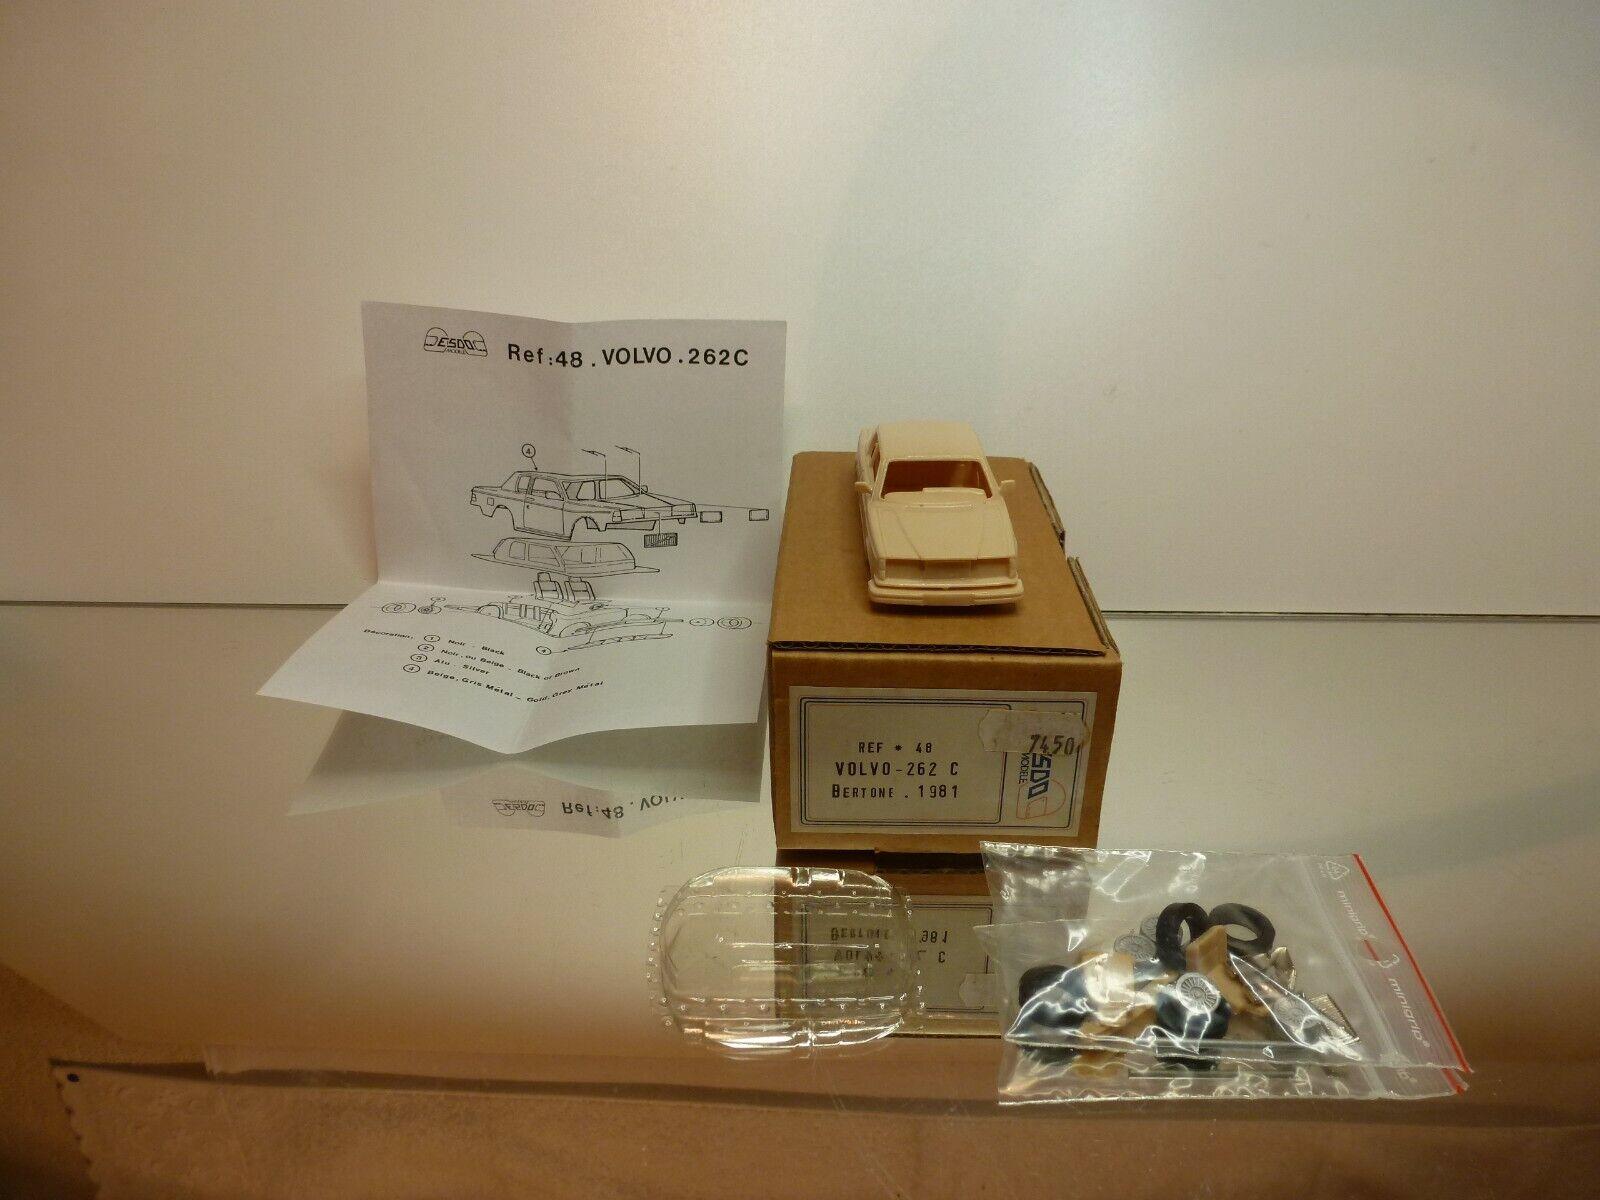 ESDO MODELE  48 VOLVO 262C BERTONE 1981 - 1 43 - UNBUILT IN BOX